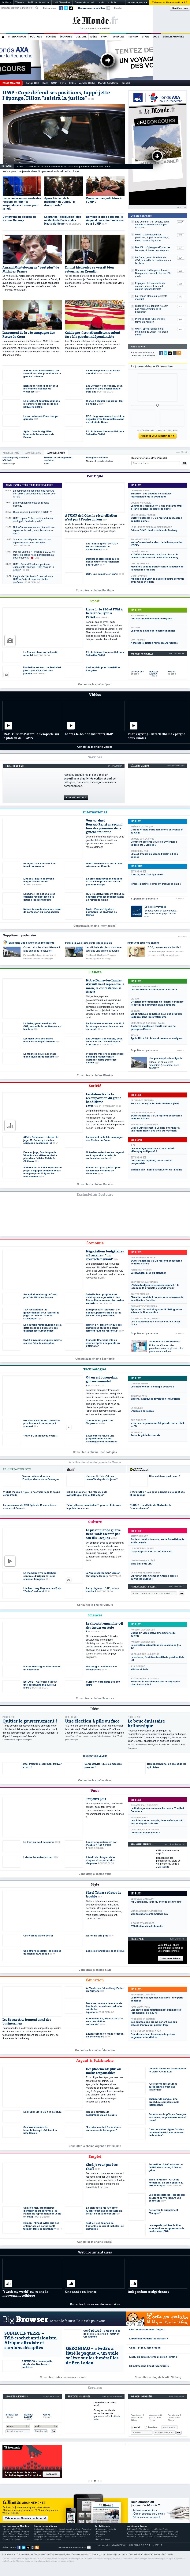 Le Monde at Monday Nov. 26, 2012, 6:17 a.m. UTC